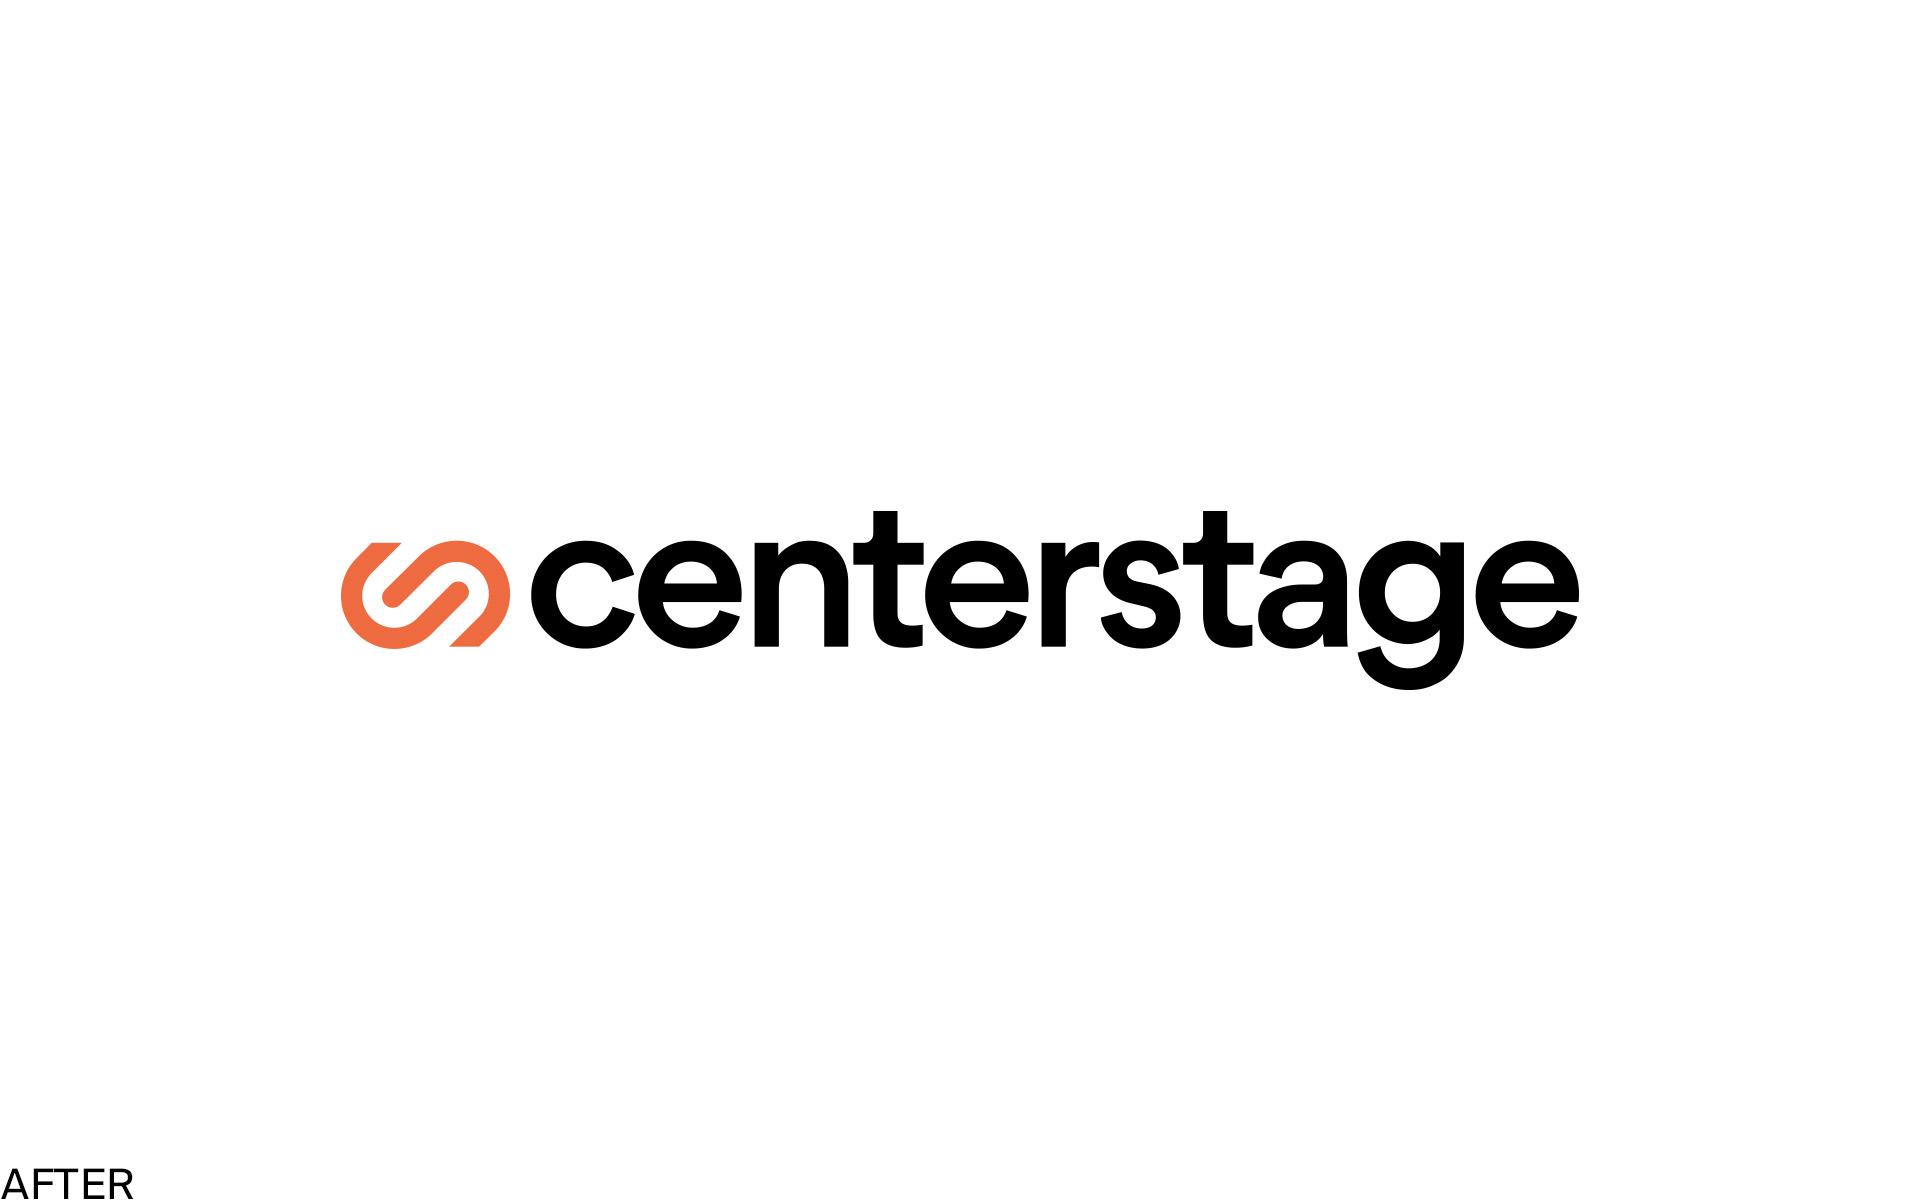 new Centerstage logo